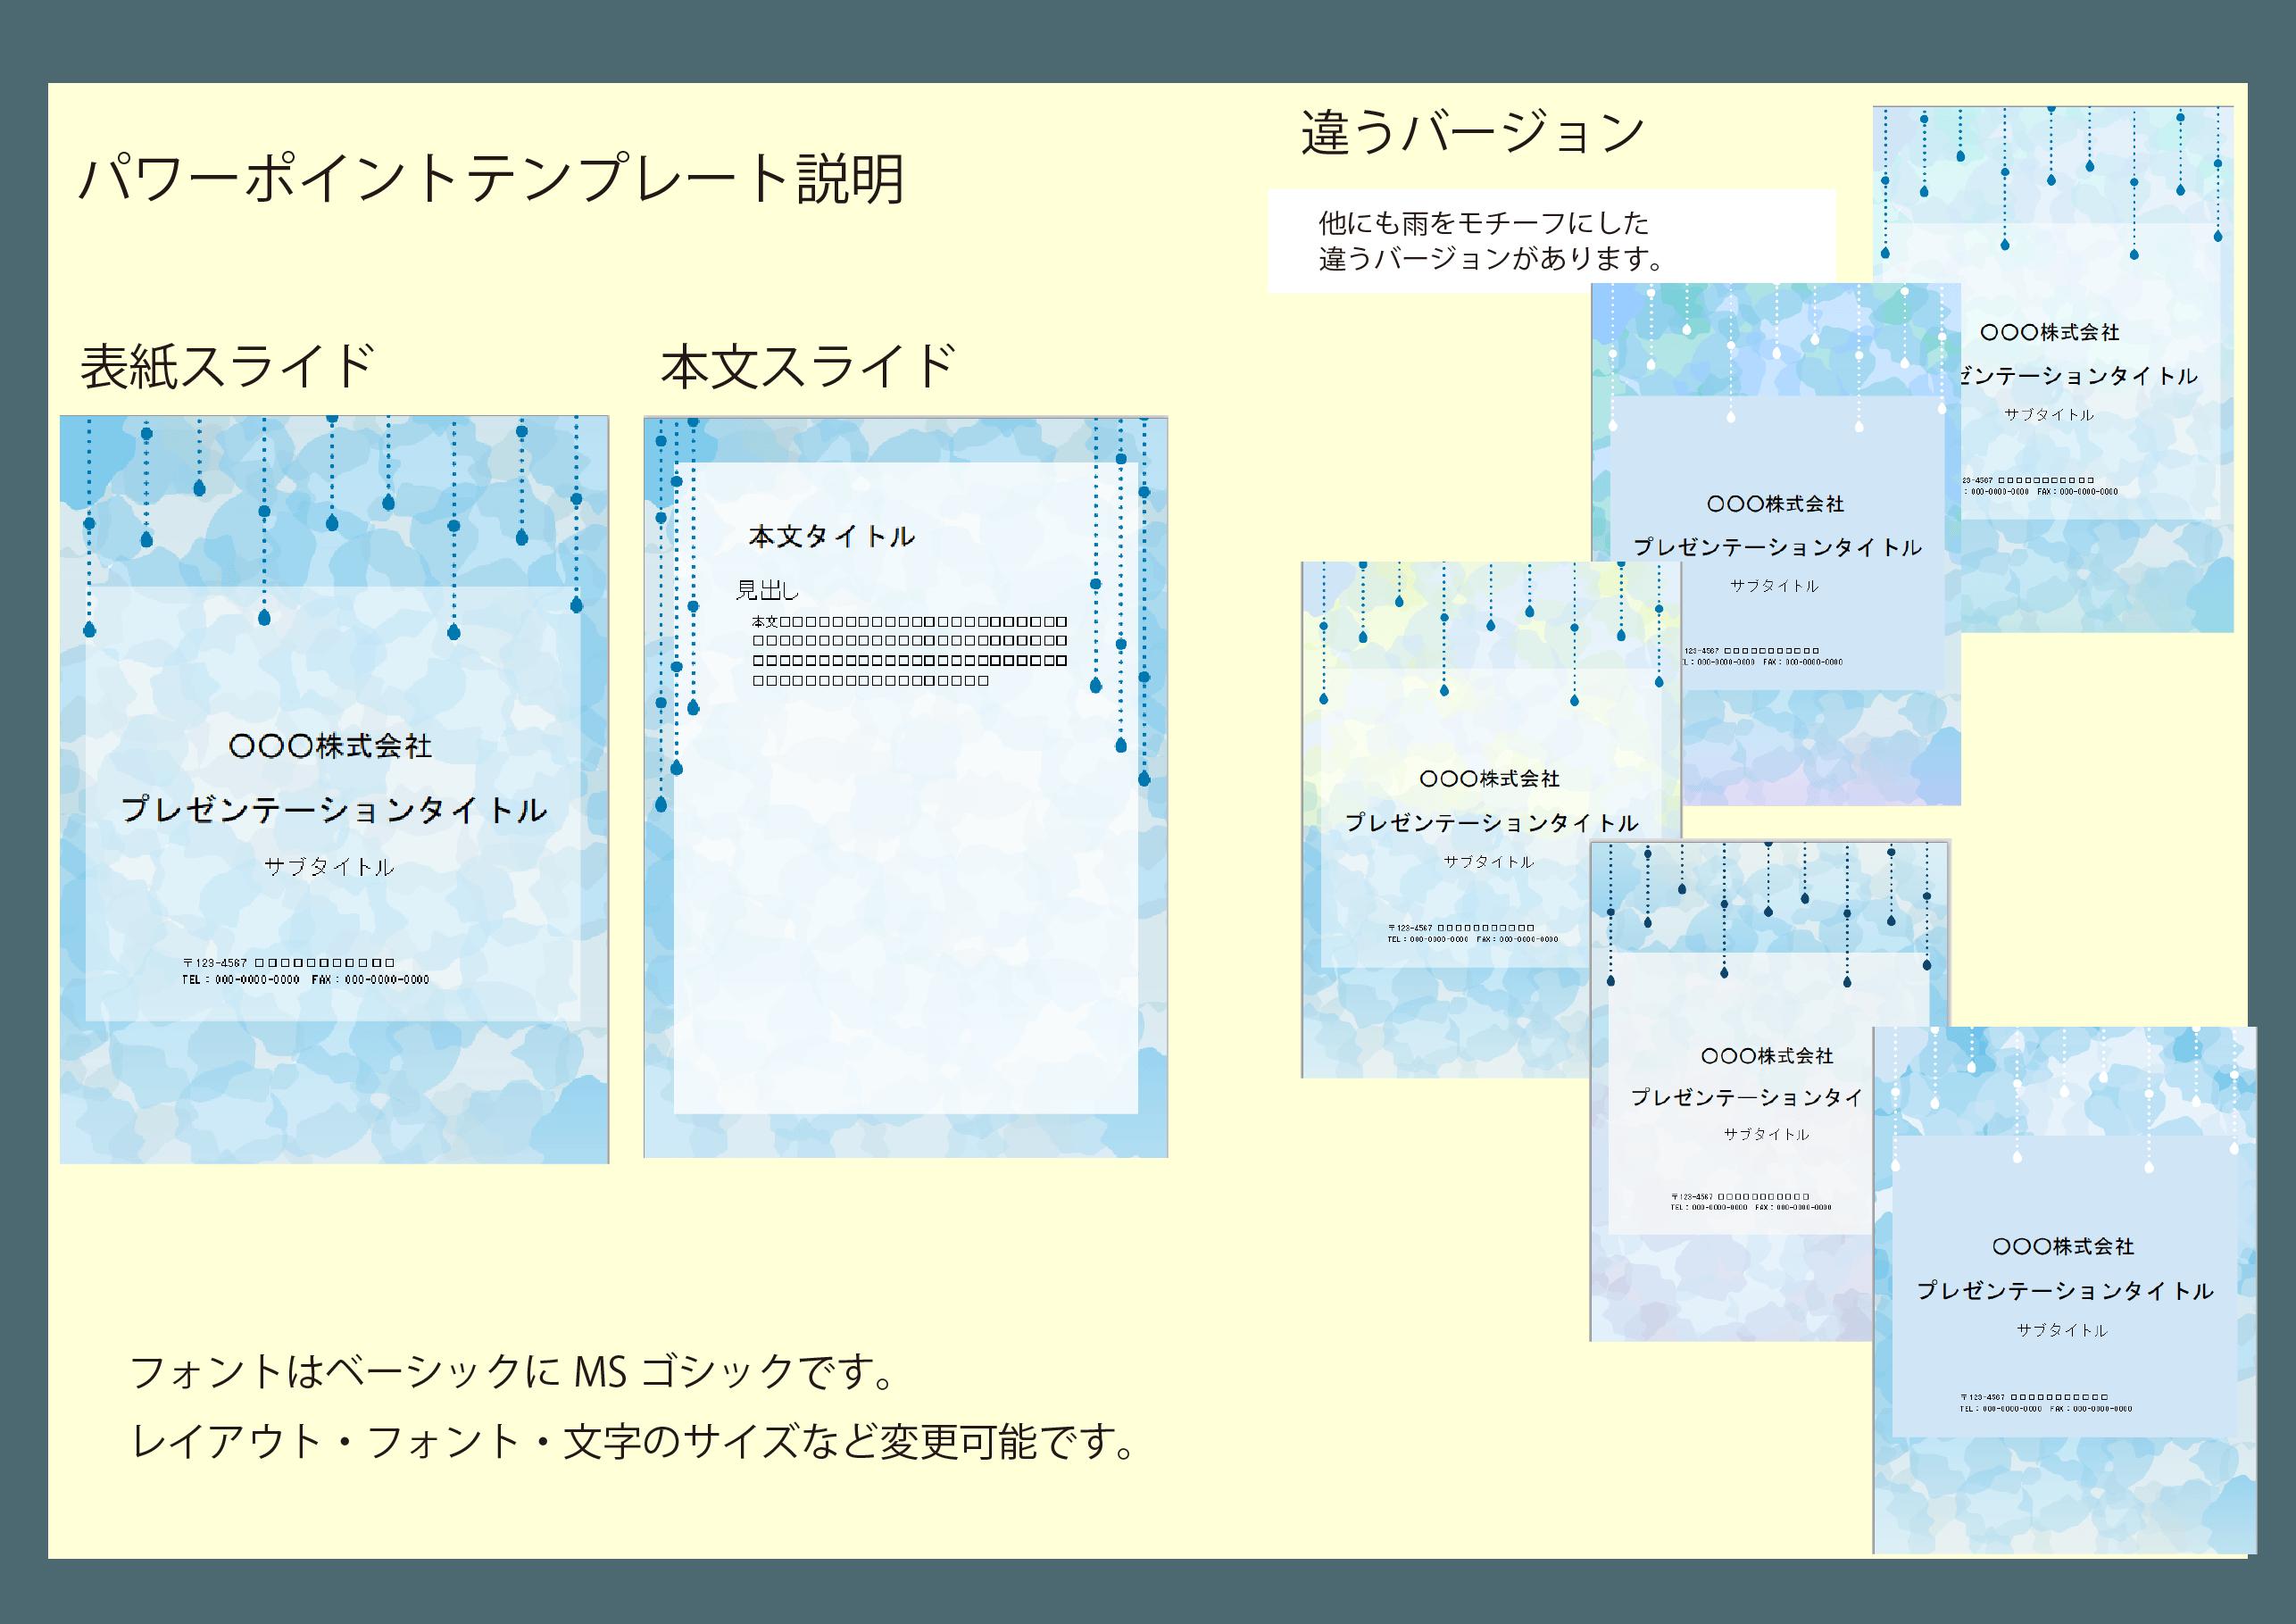 雨デザインのパワーポイントをダウンロード